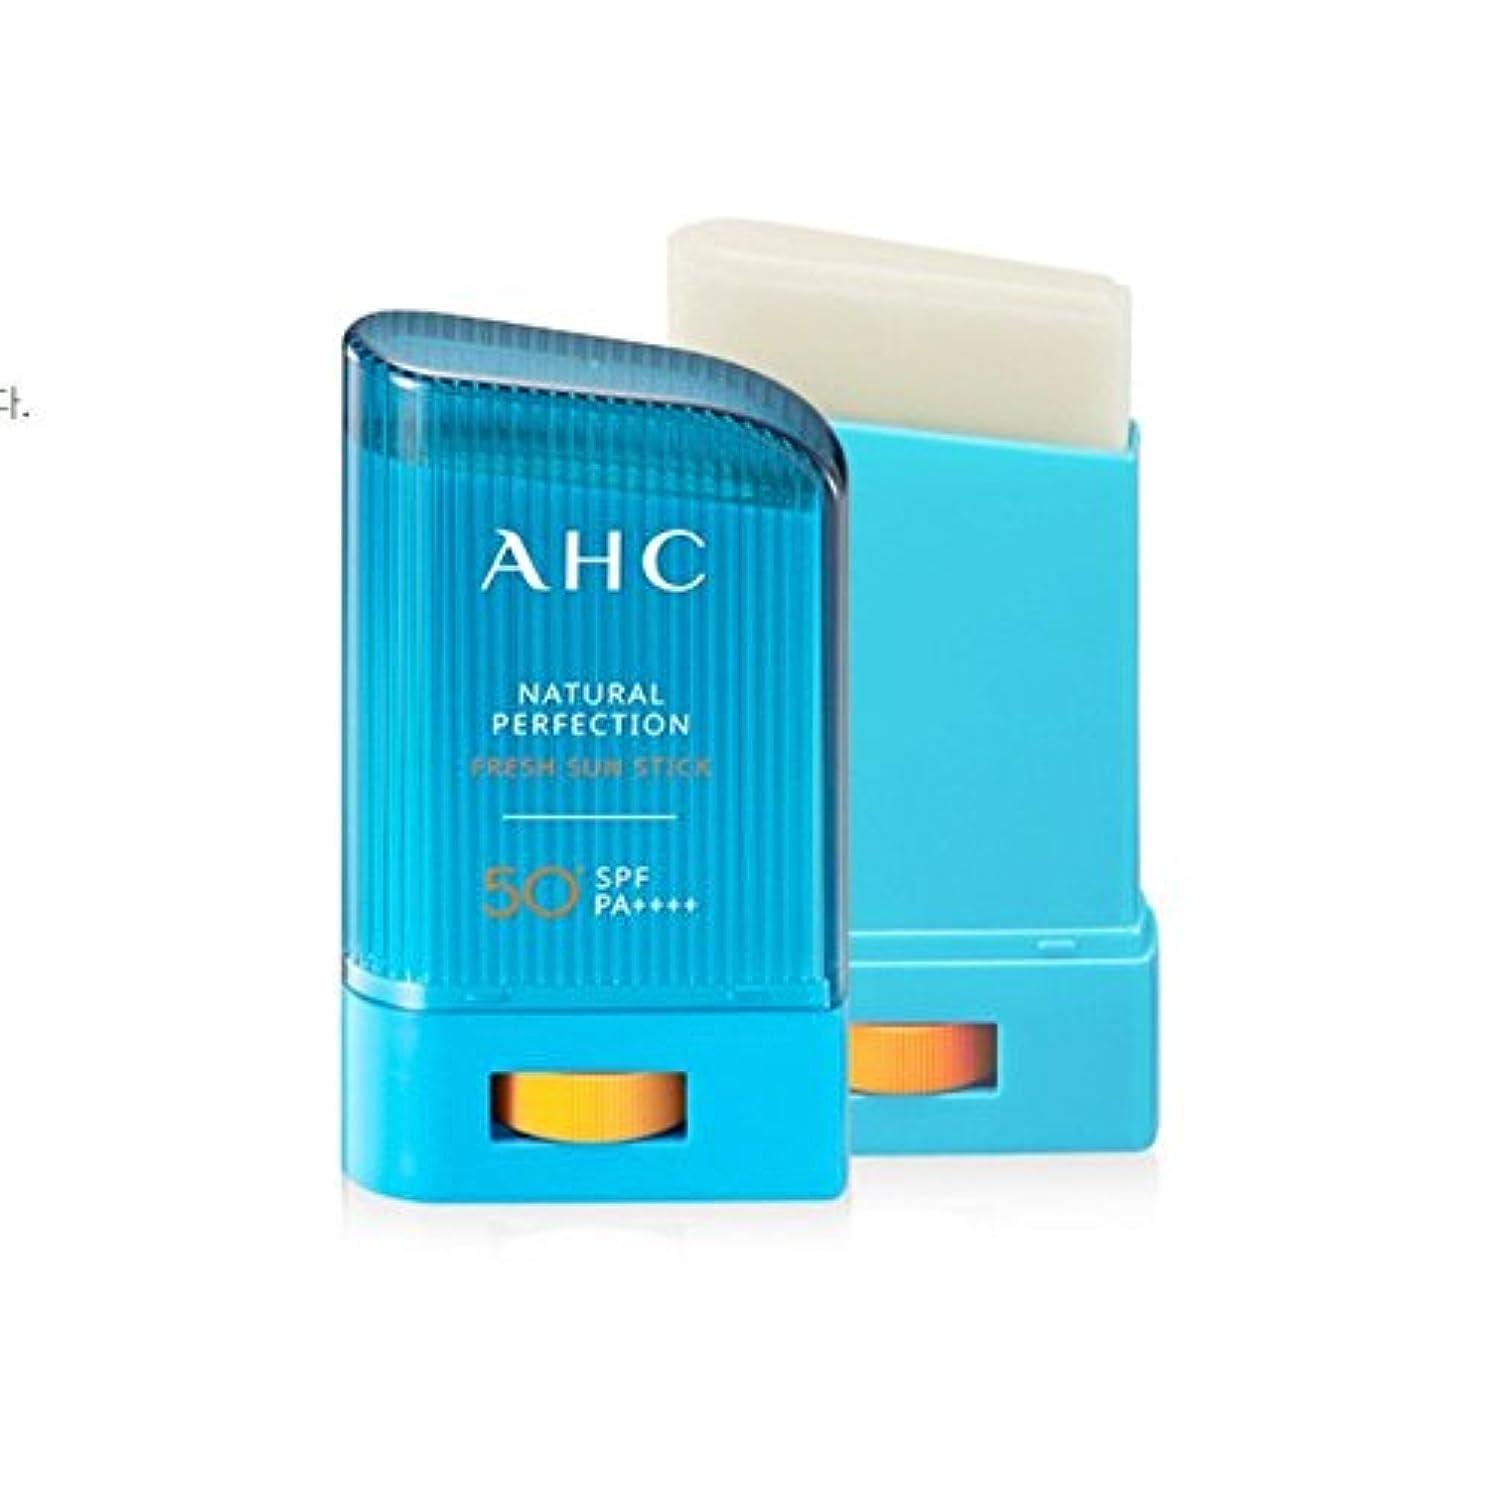 お手入れ誤解させる熱帯の[1+1] AHC Natural Perfection Fresh Sun Stick ナチュラルパーフェクションフレッシュサンスティック 22g * 2個 [並行輸入品]